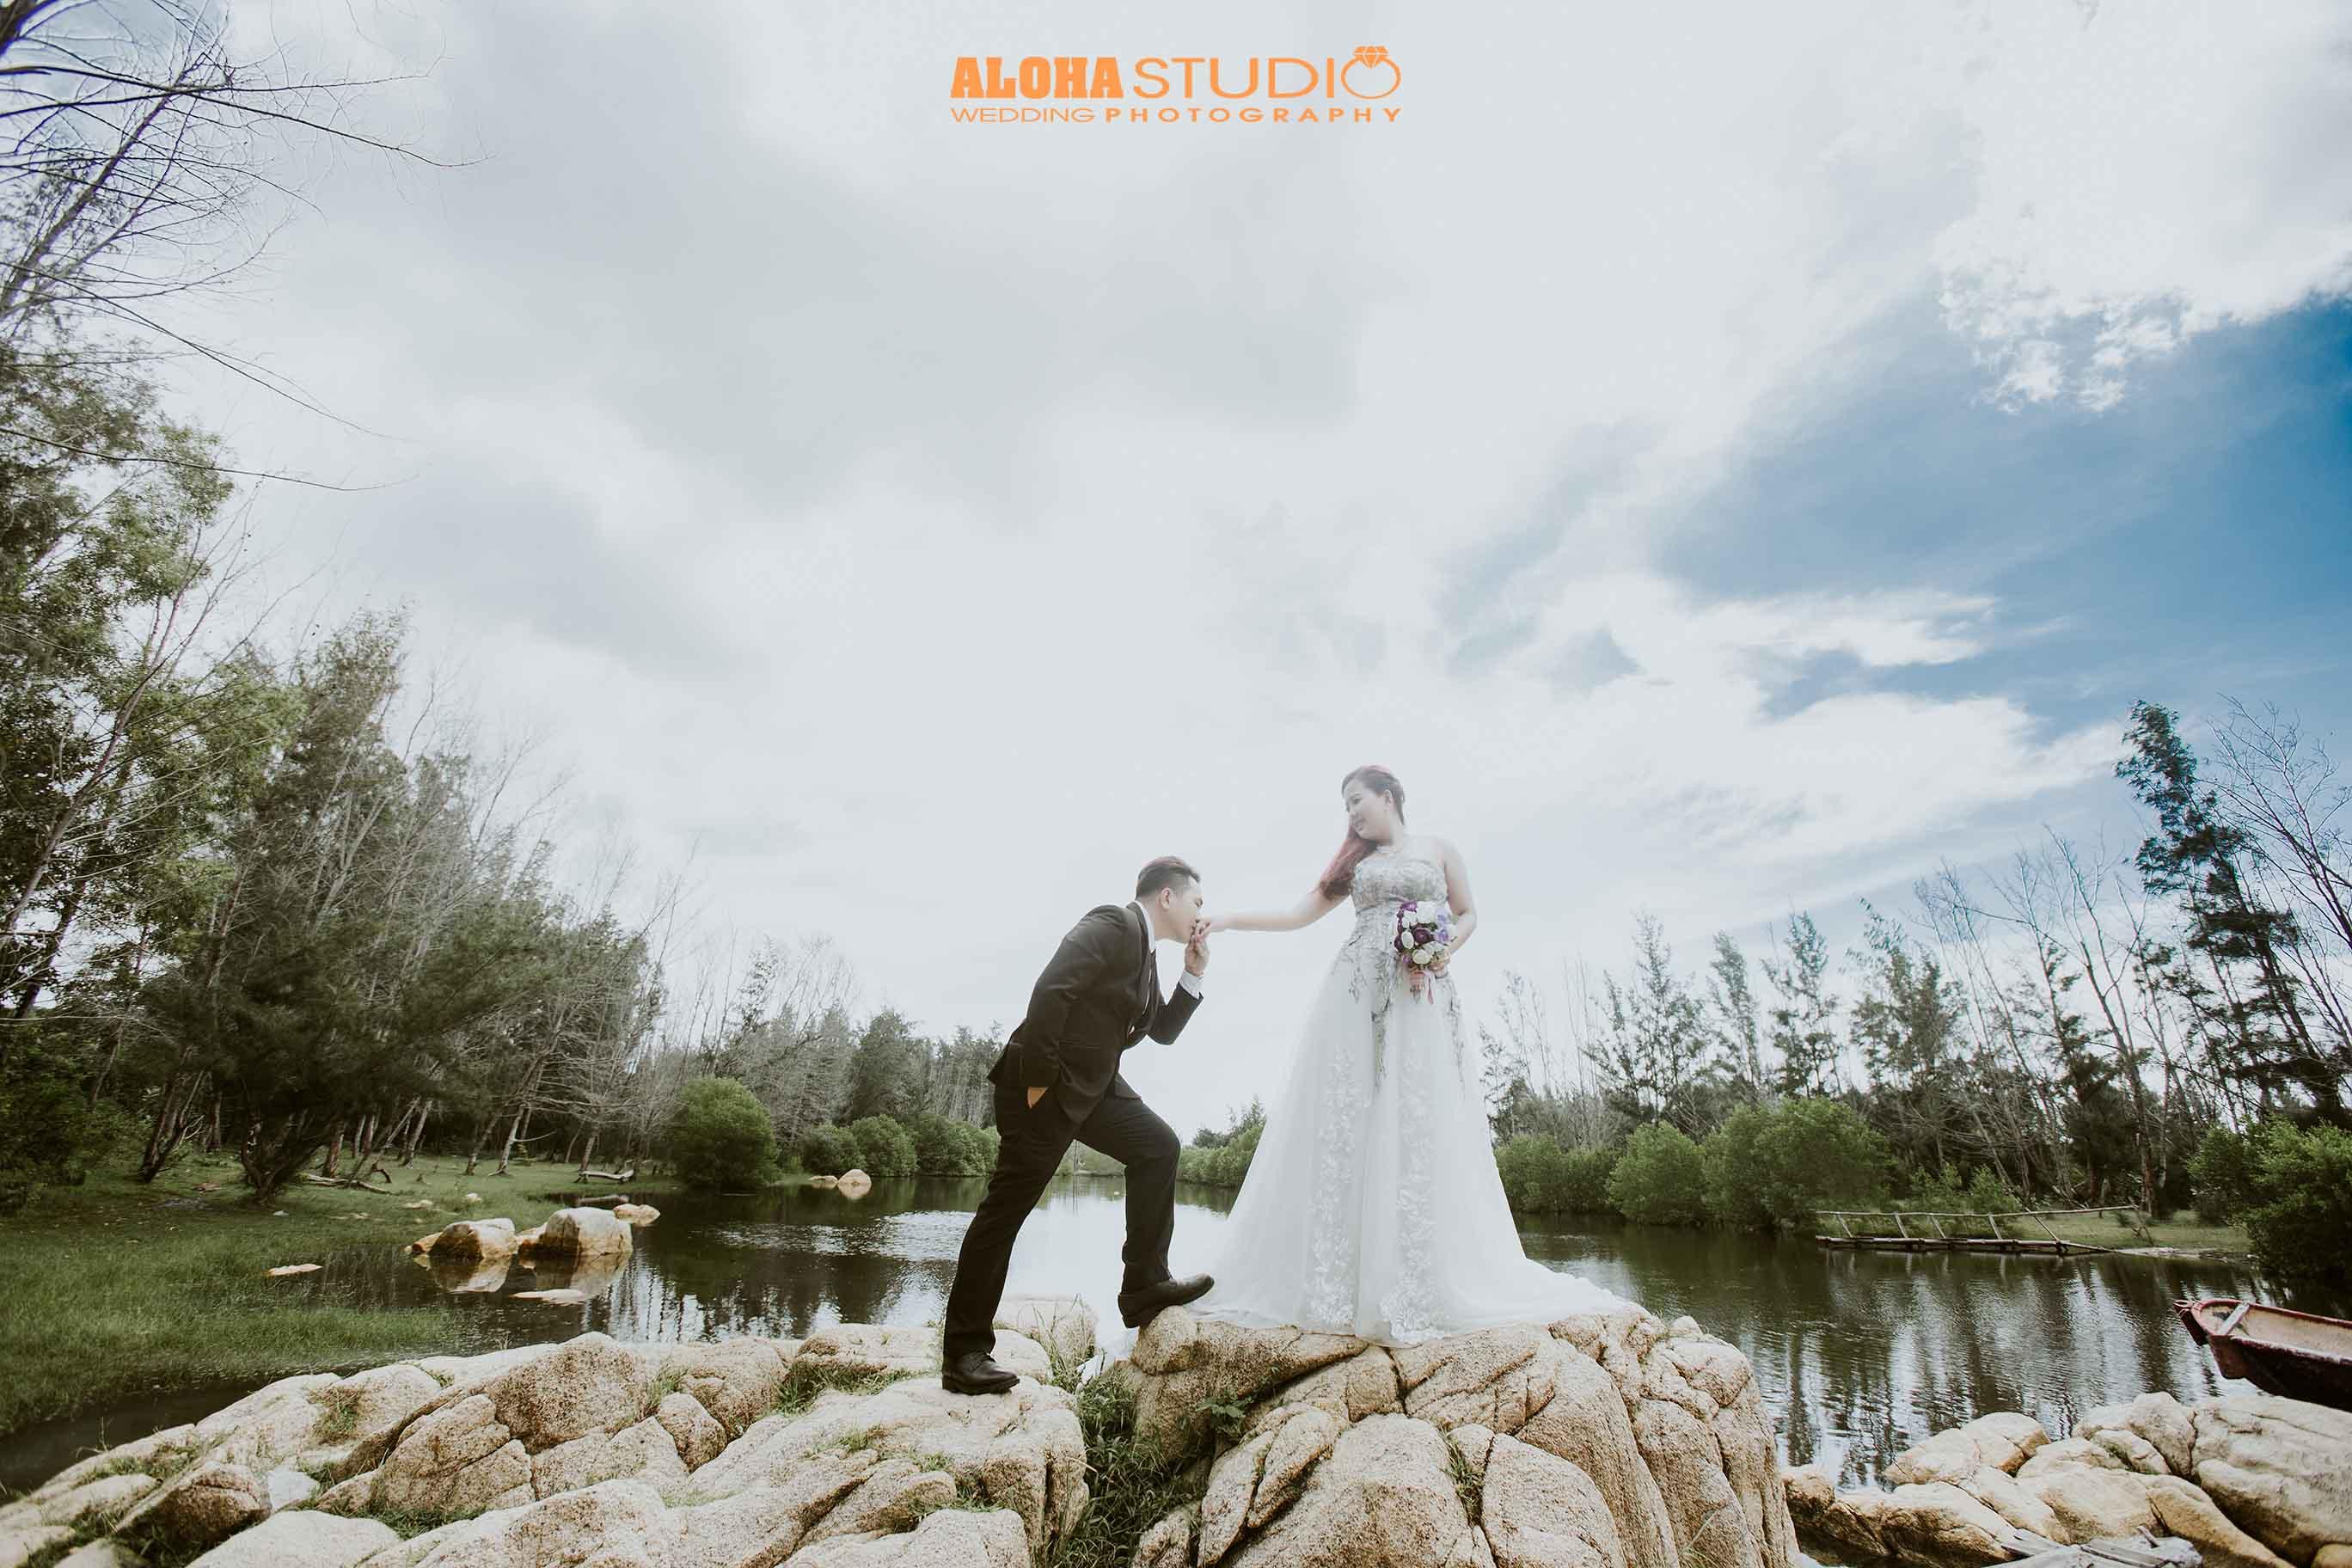 Cập nhật giá mới nhất gói chụp hình cưới hồ cốc trọn gói